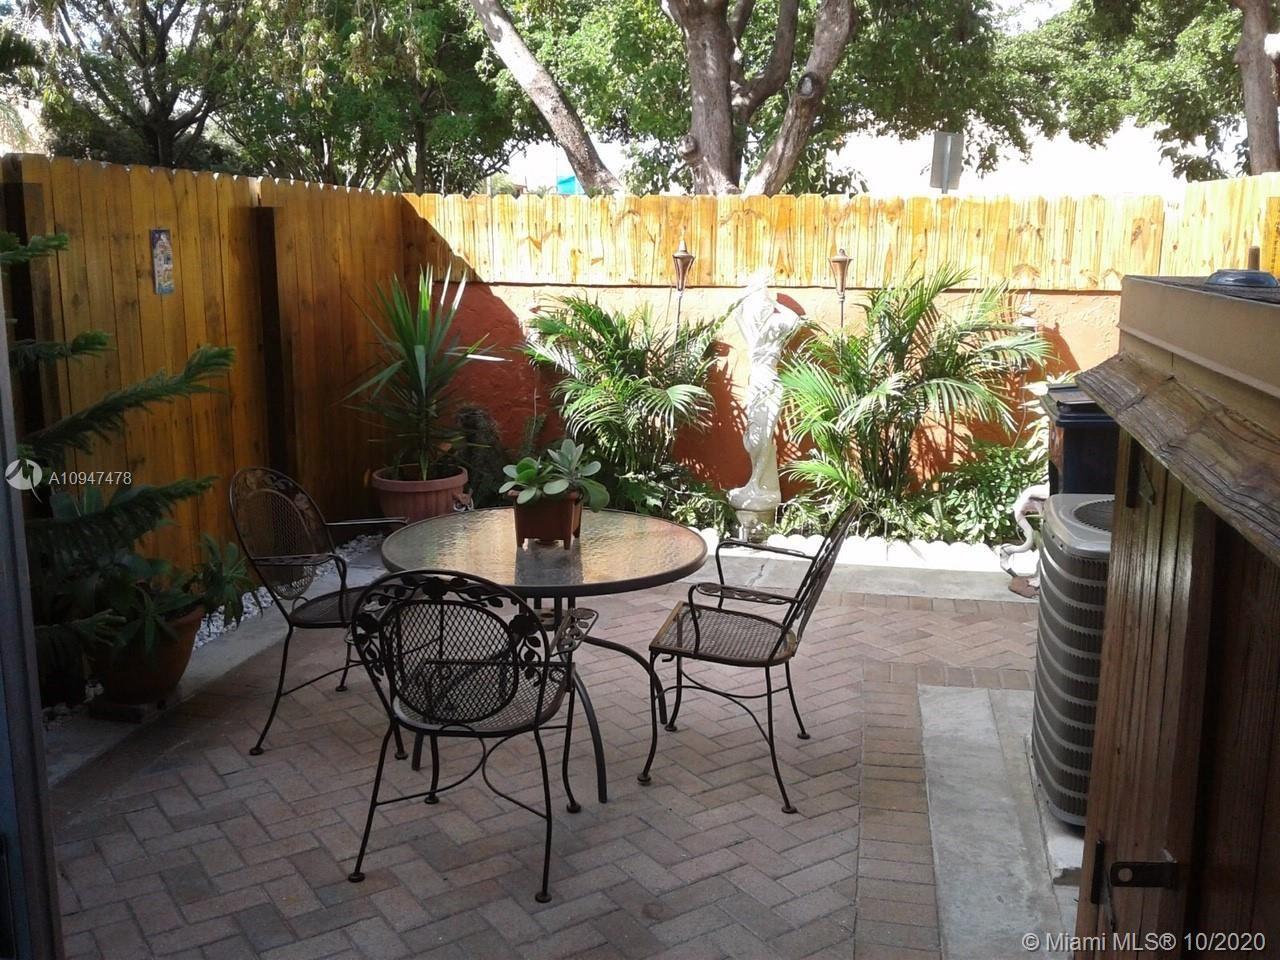 8006 SW 151st Ct #611, Miami, FL 33193 - #: A10947478